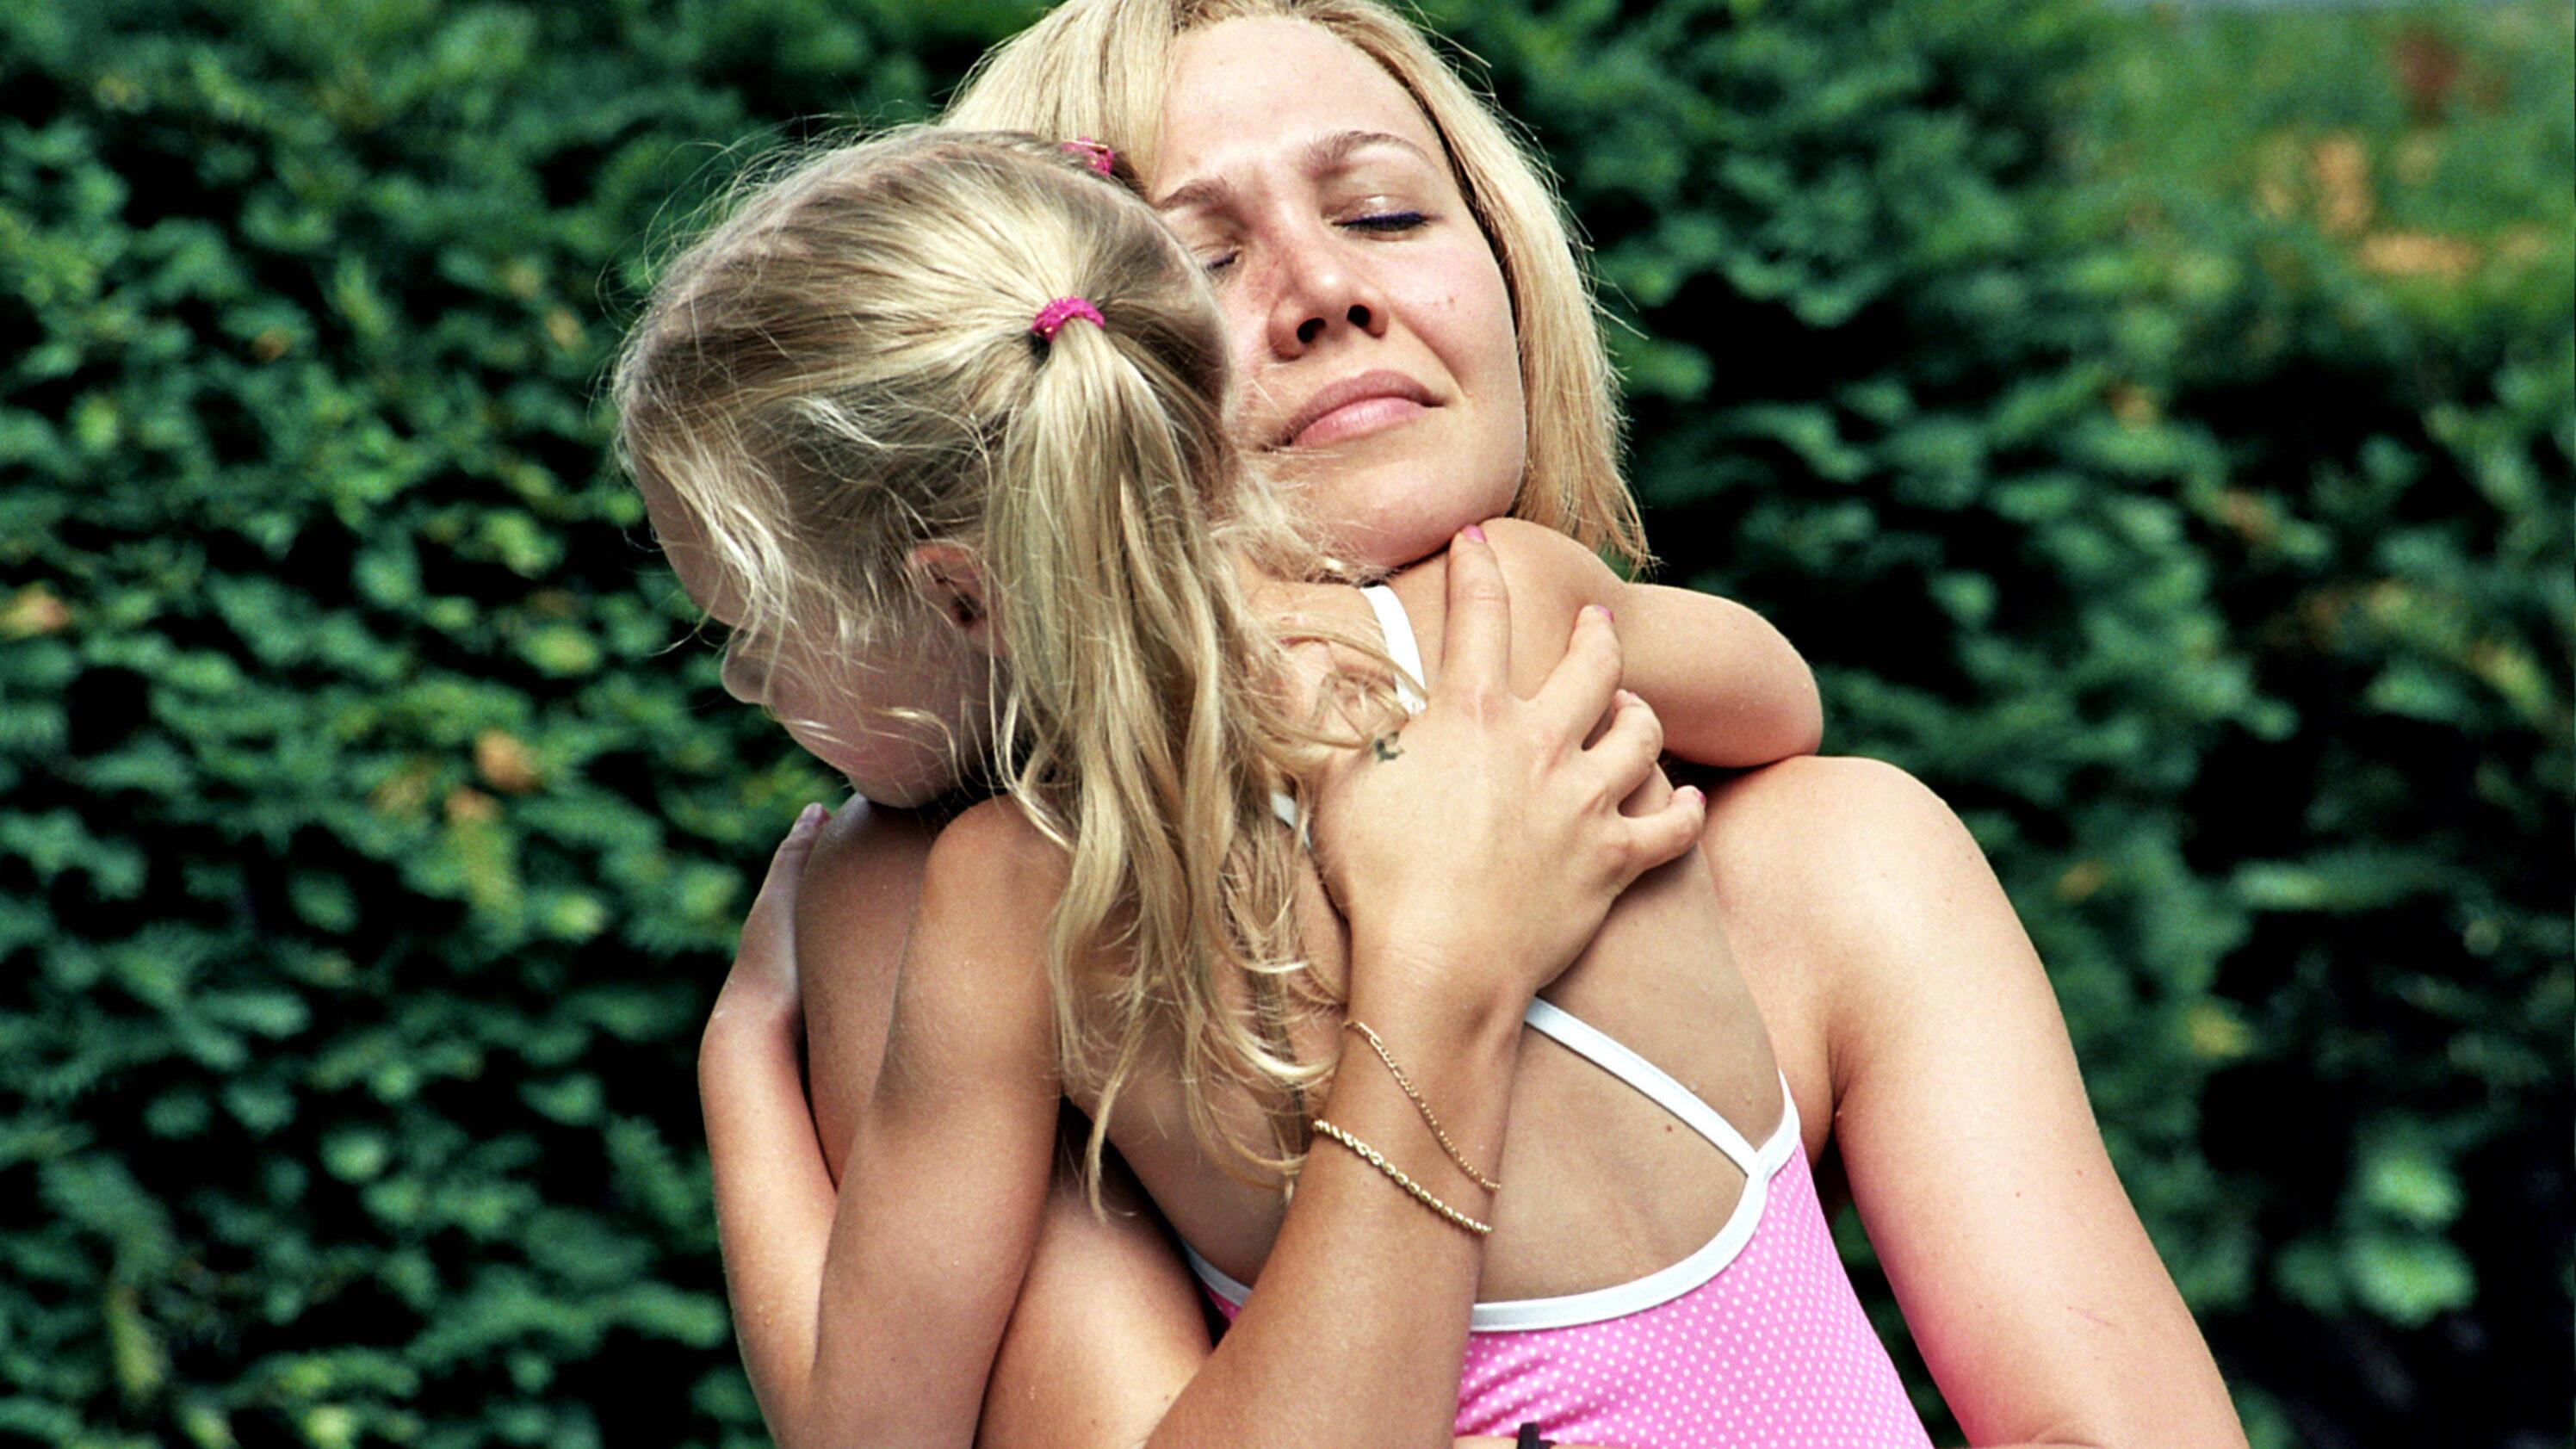 Mutter-Tochter-Beziehung: Auftretende Konflikte und wie sie sich verbessern lässt